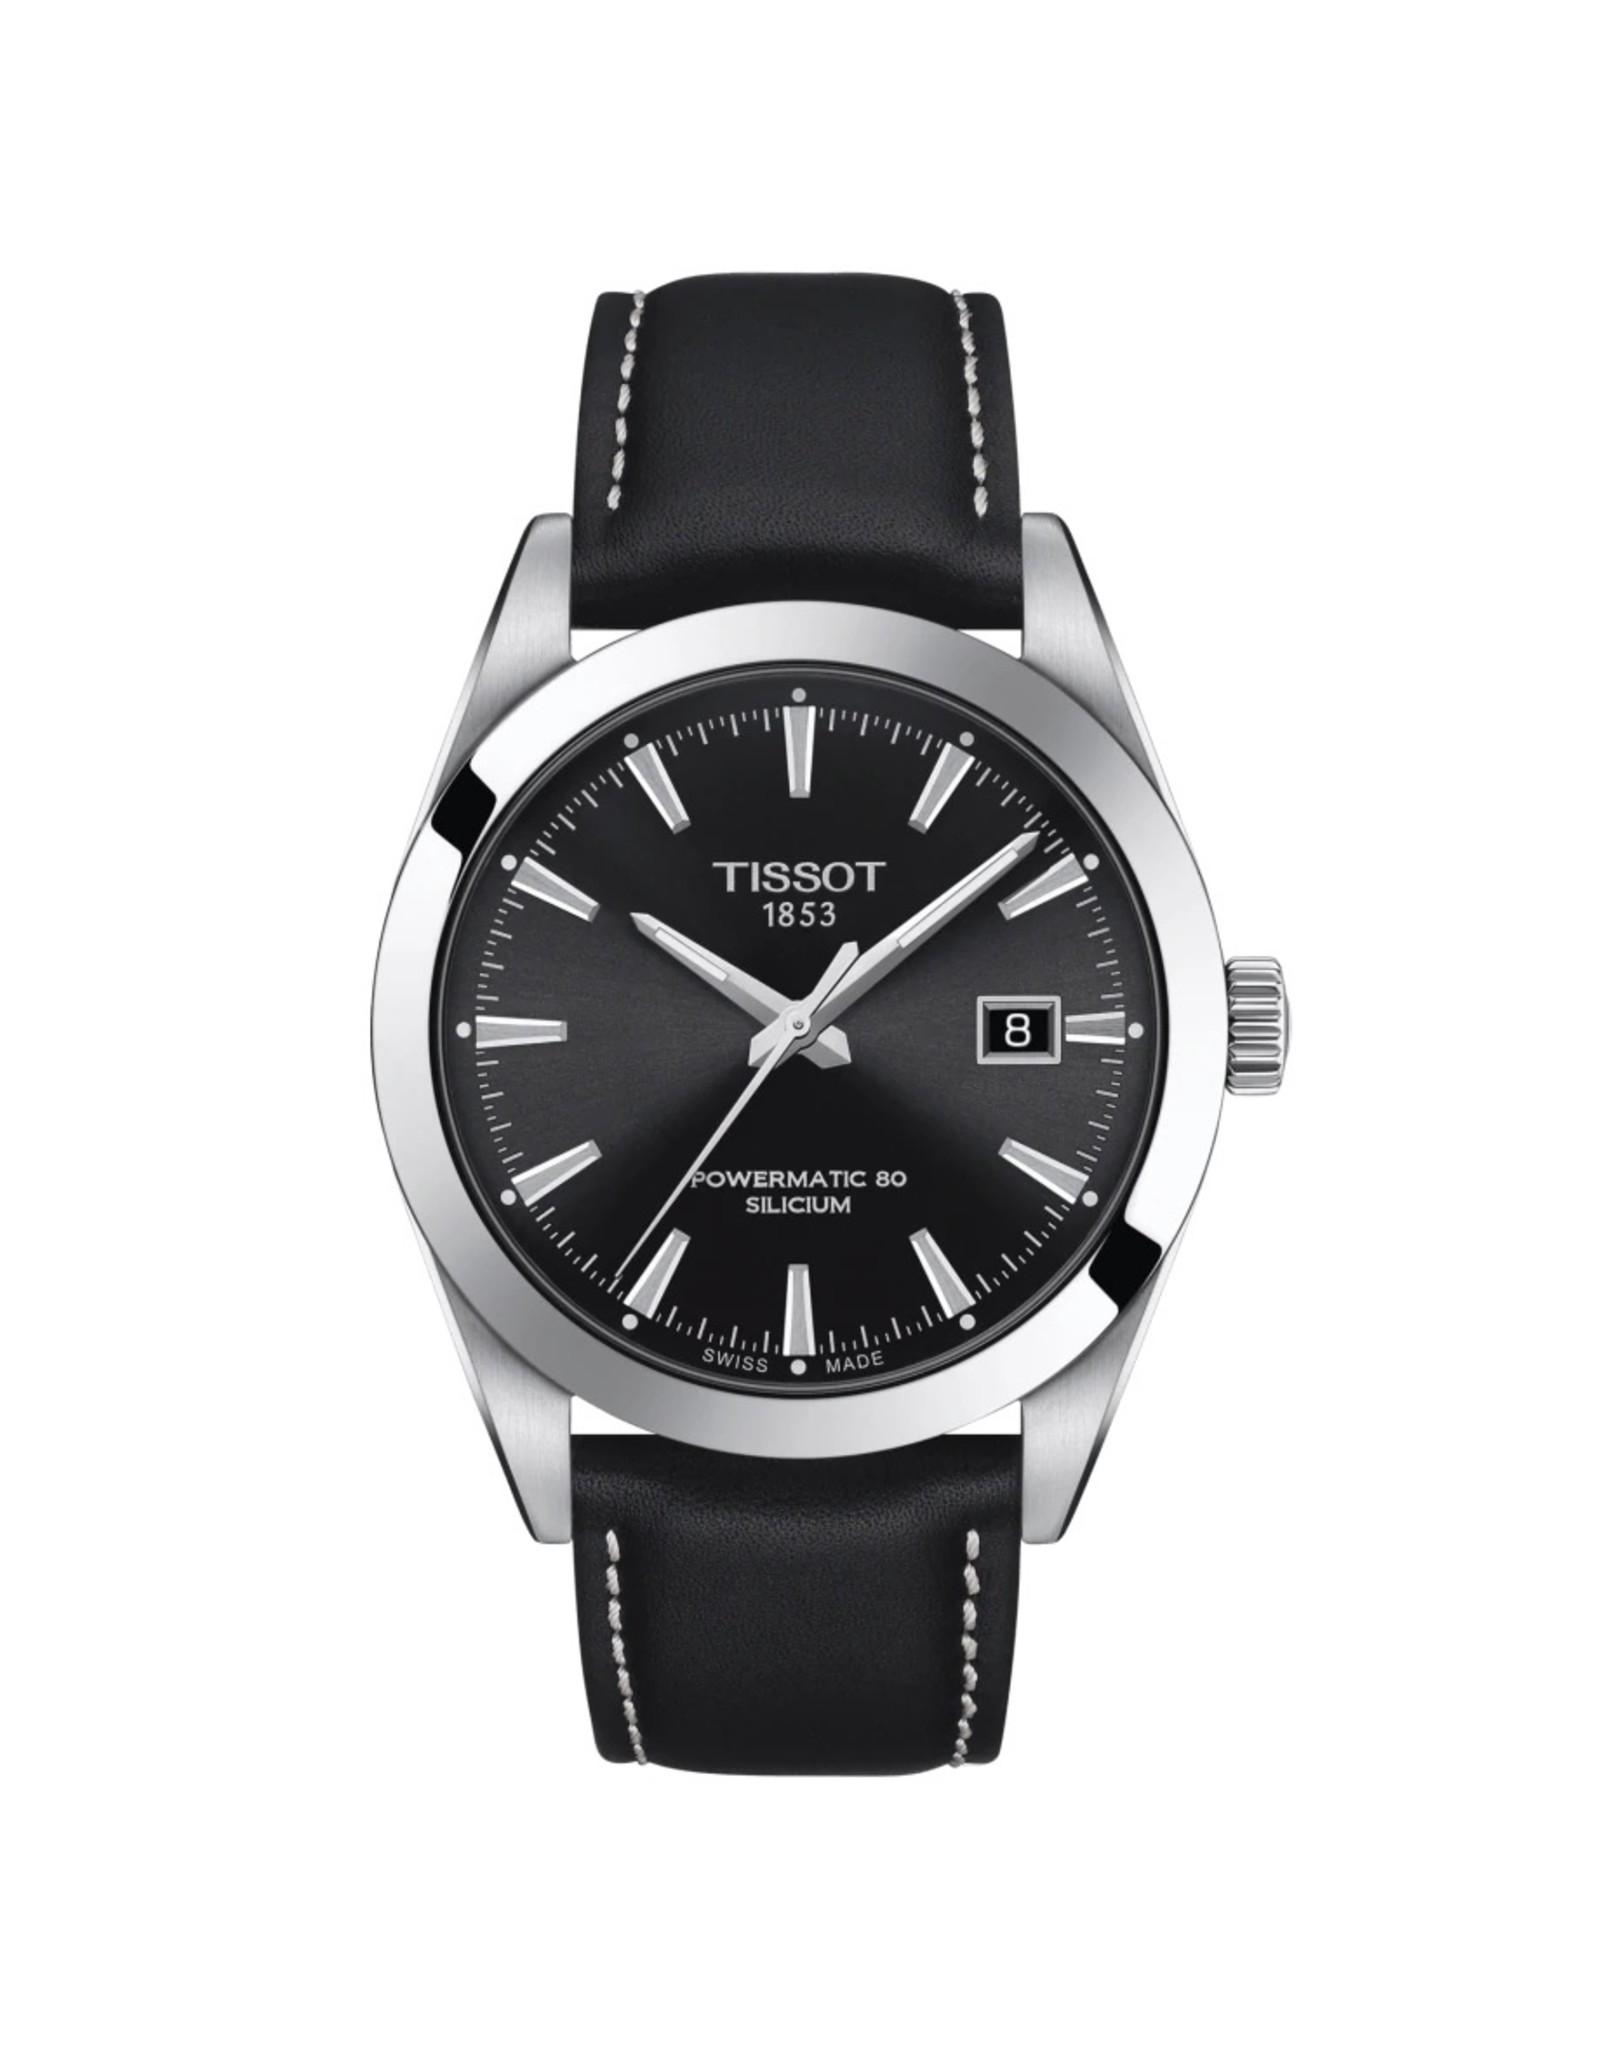 Tissot Tissot Gentleman Powermatic 80 Watch